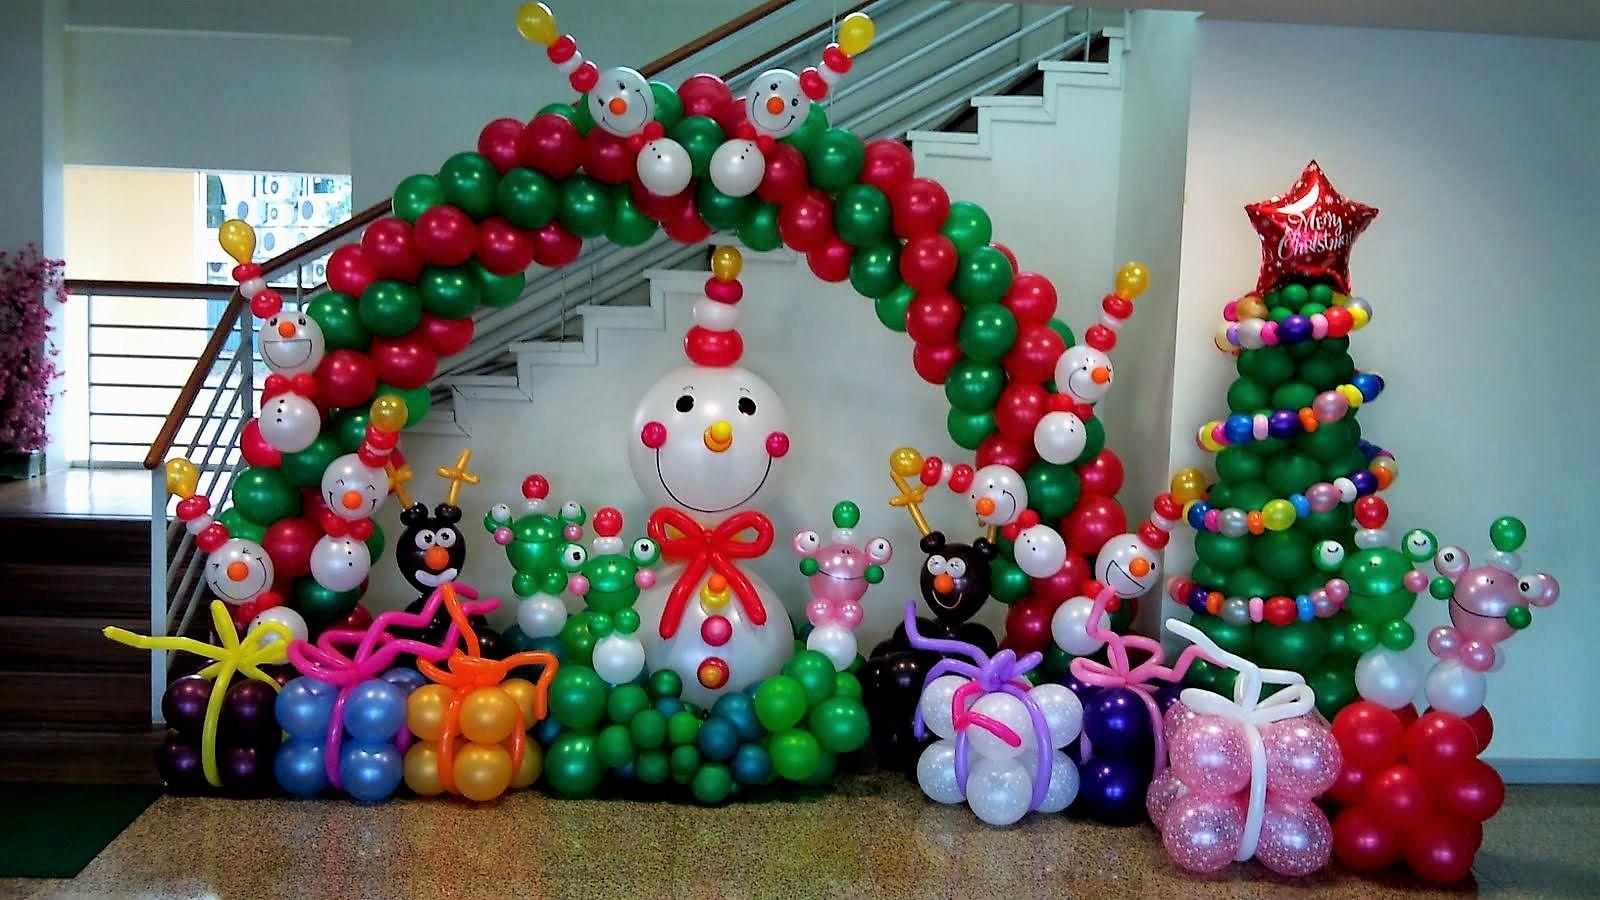 Χριστουγεννιάτικη σύνθεση με μπαλόνια ΧΙΟΝΑΝΘΡΩΠΟΣ ΜΕ ΔΩΡΑ